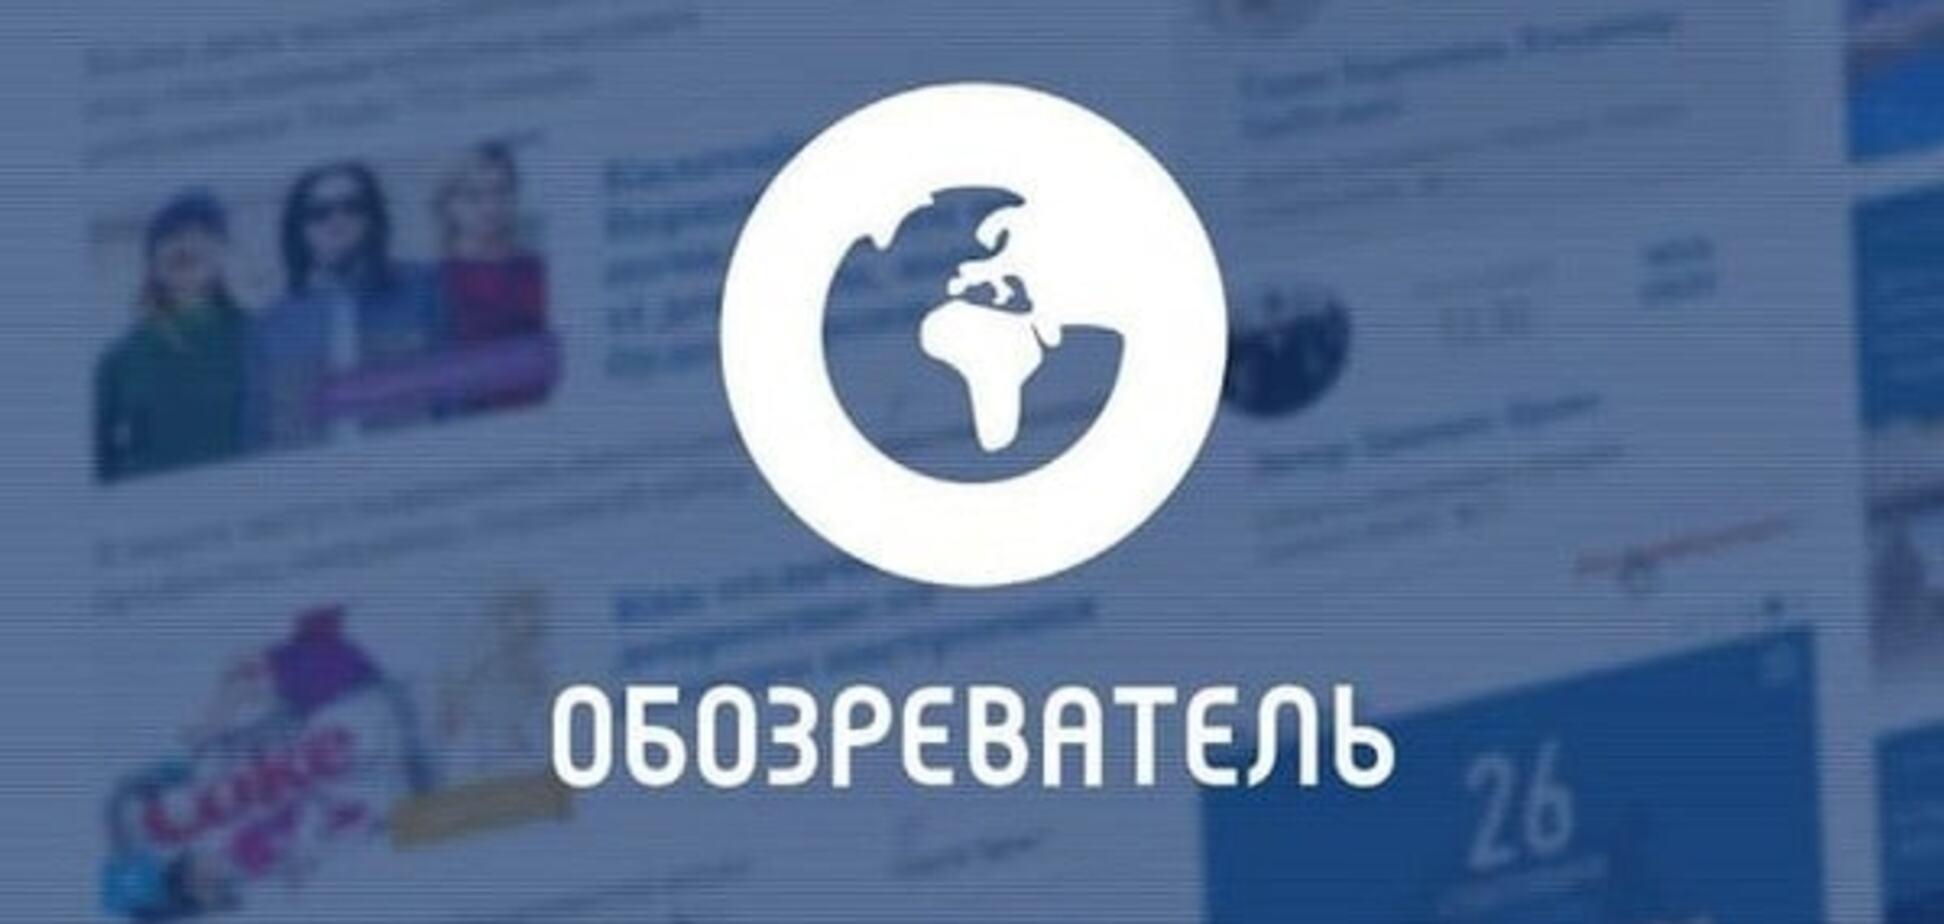 Анексія Криму. А чи був шанс зберегти територіальну цілісність України?